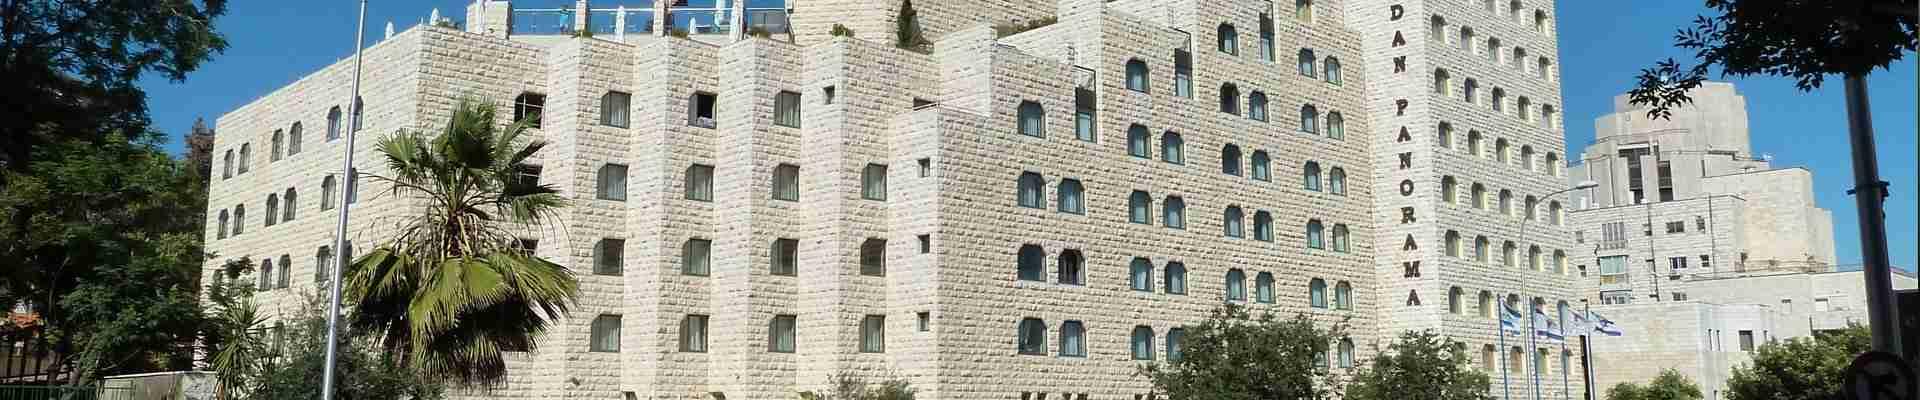 israel private tours dan panorama